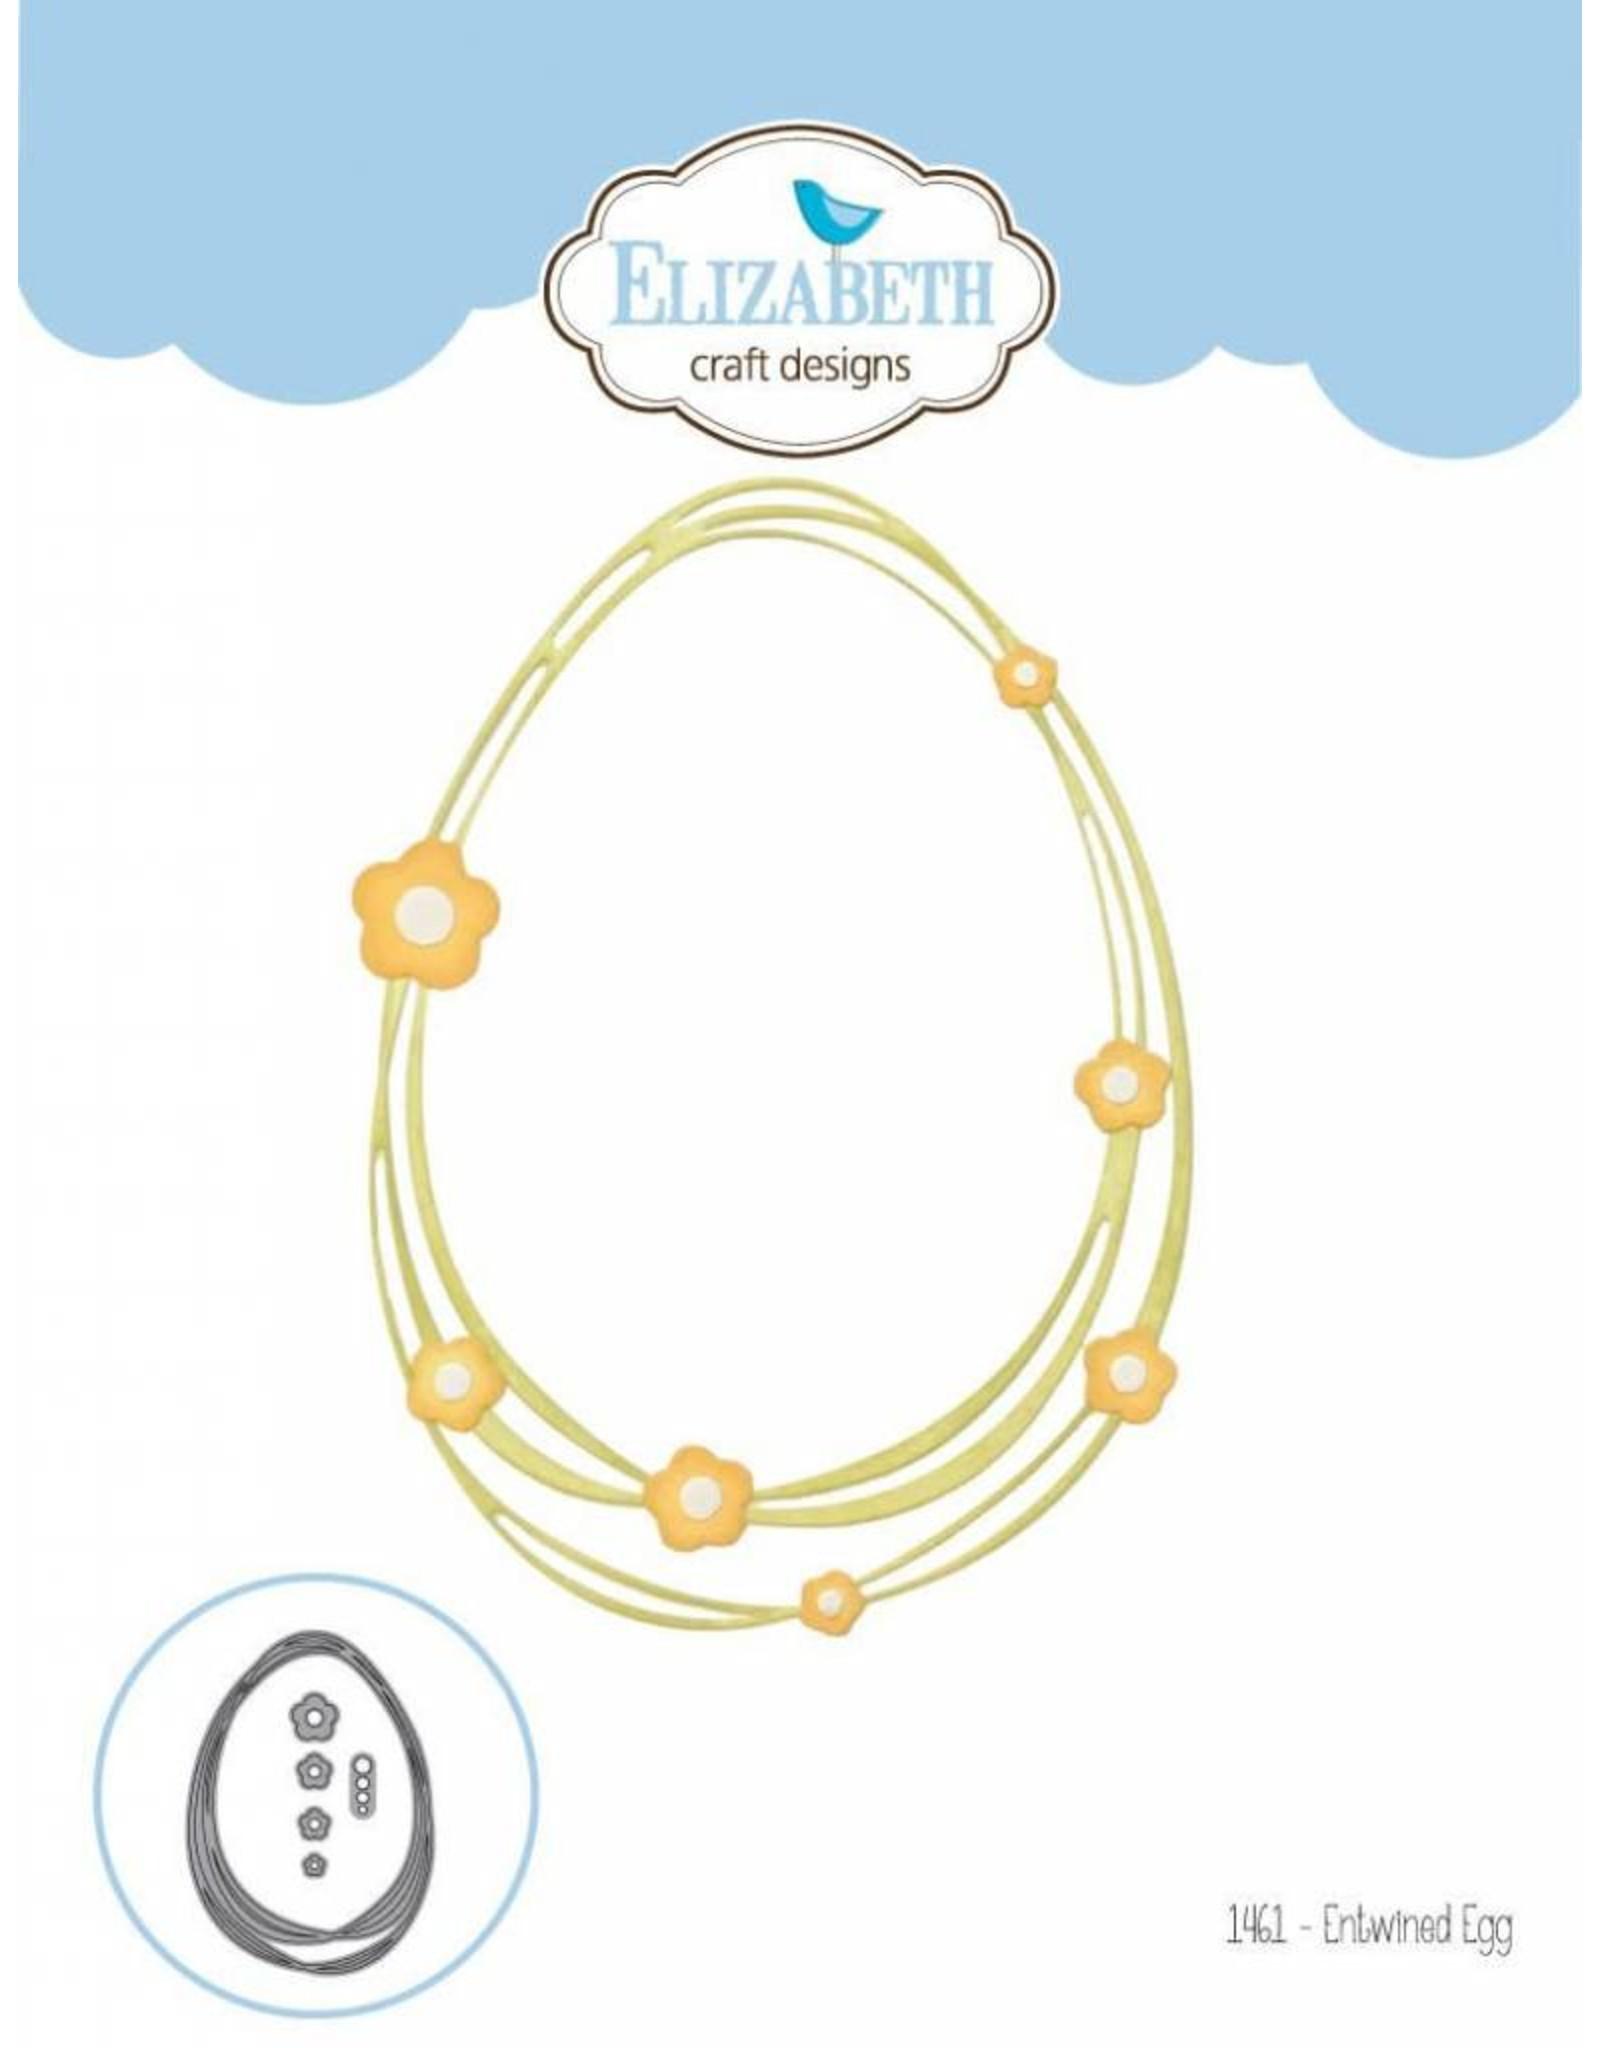 Elizabeth Craft Designs Elizabeth Craft Designs dies Die set - Entwined Egg 1461